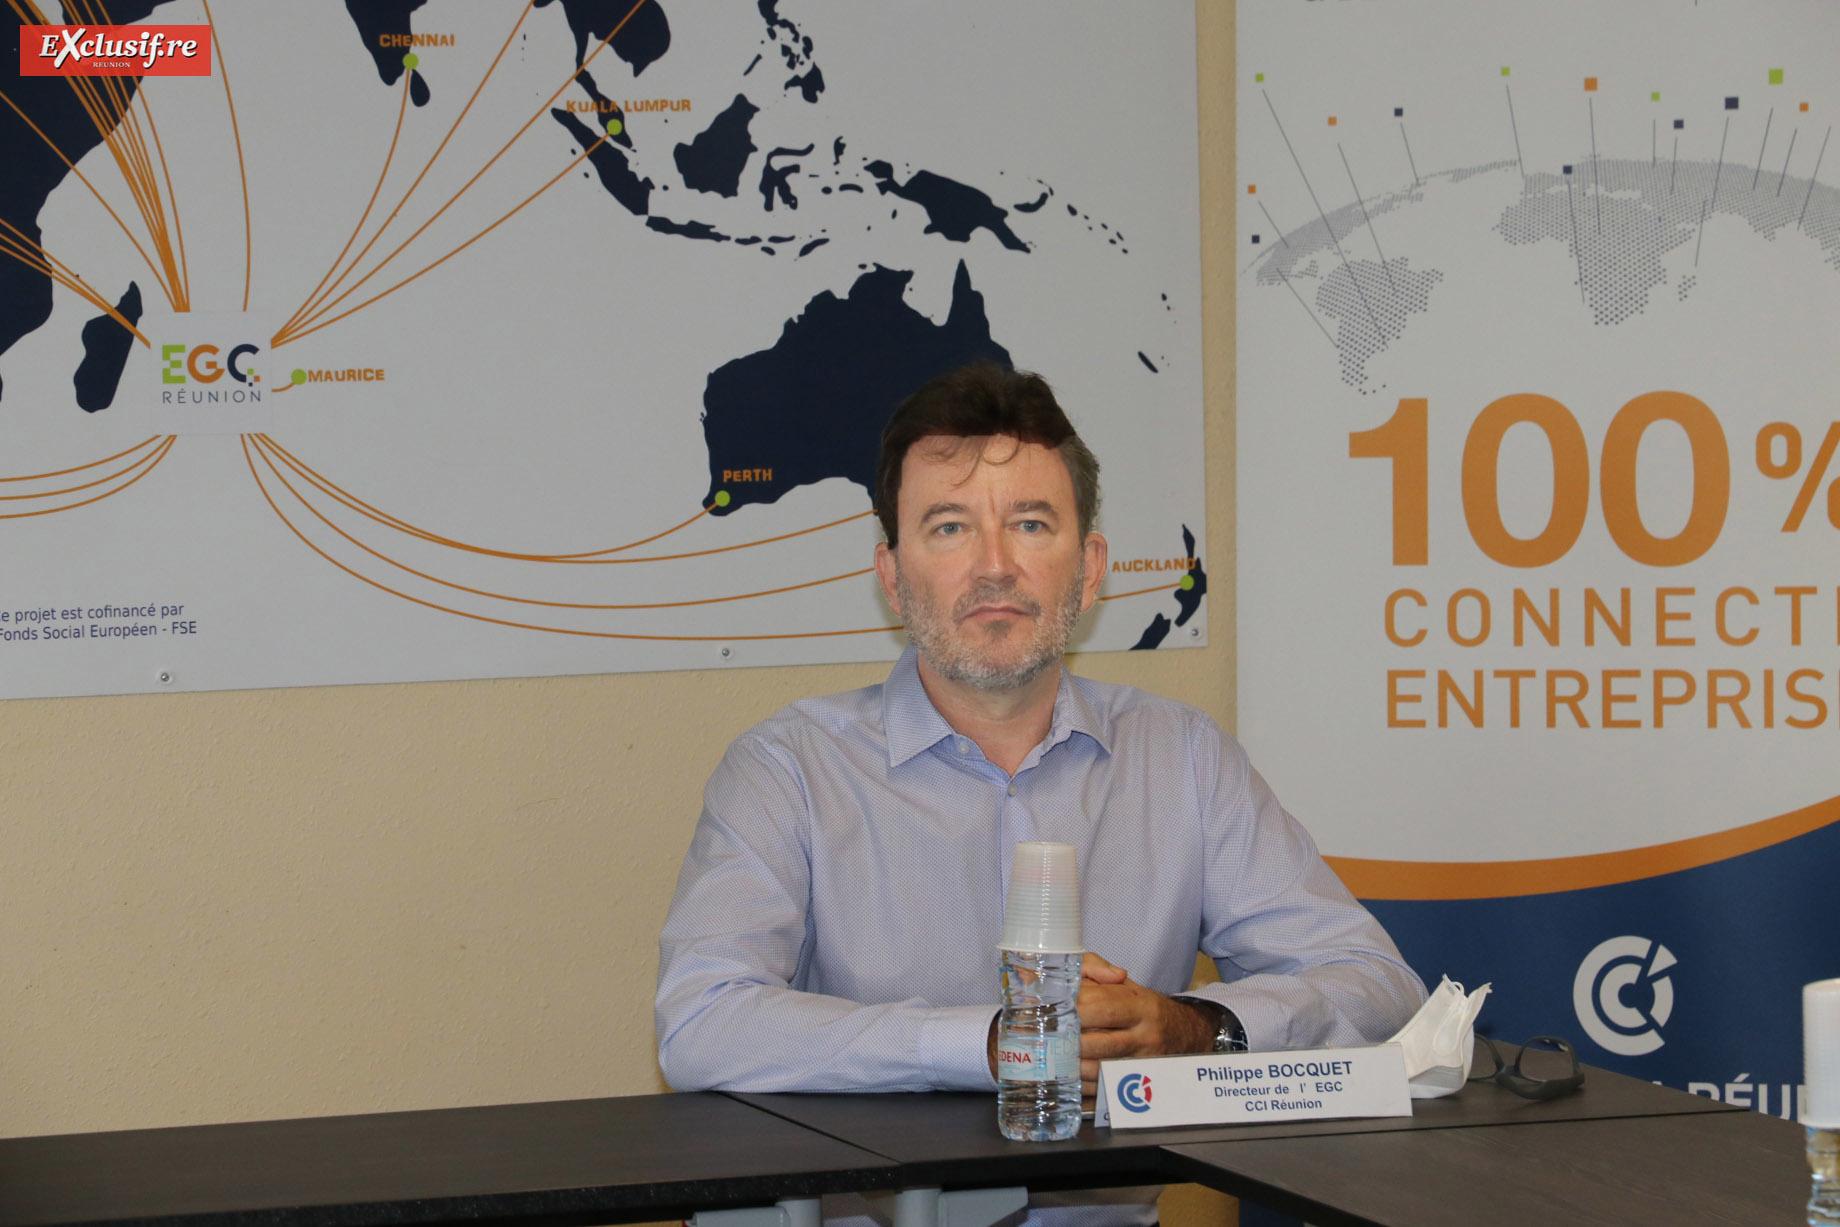 Philippe Bocquet, directeur de l'EGC Réunion